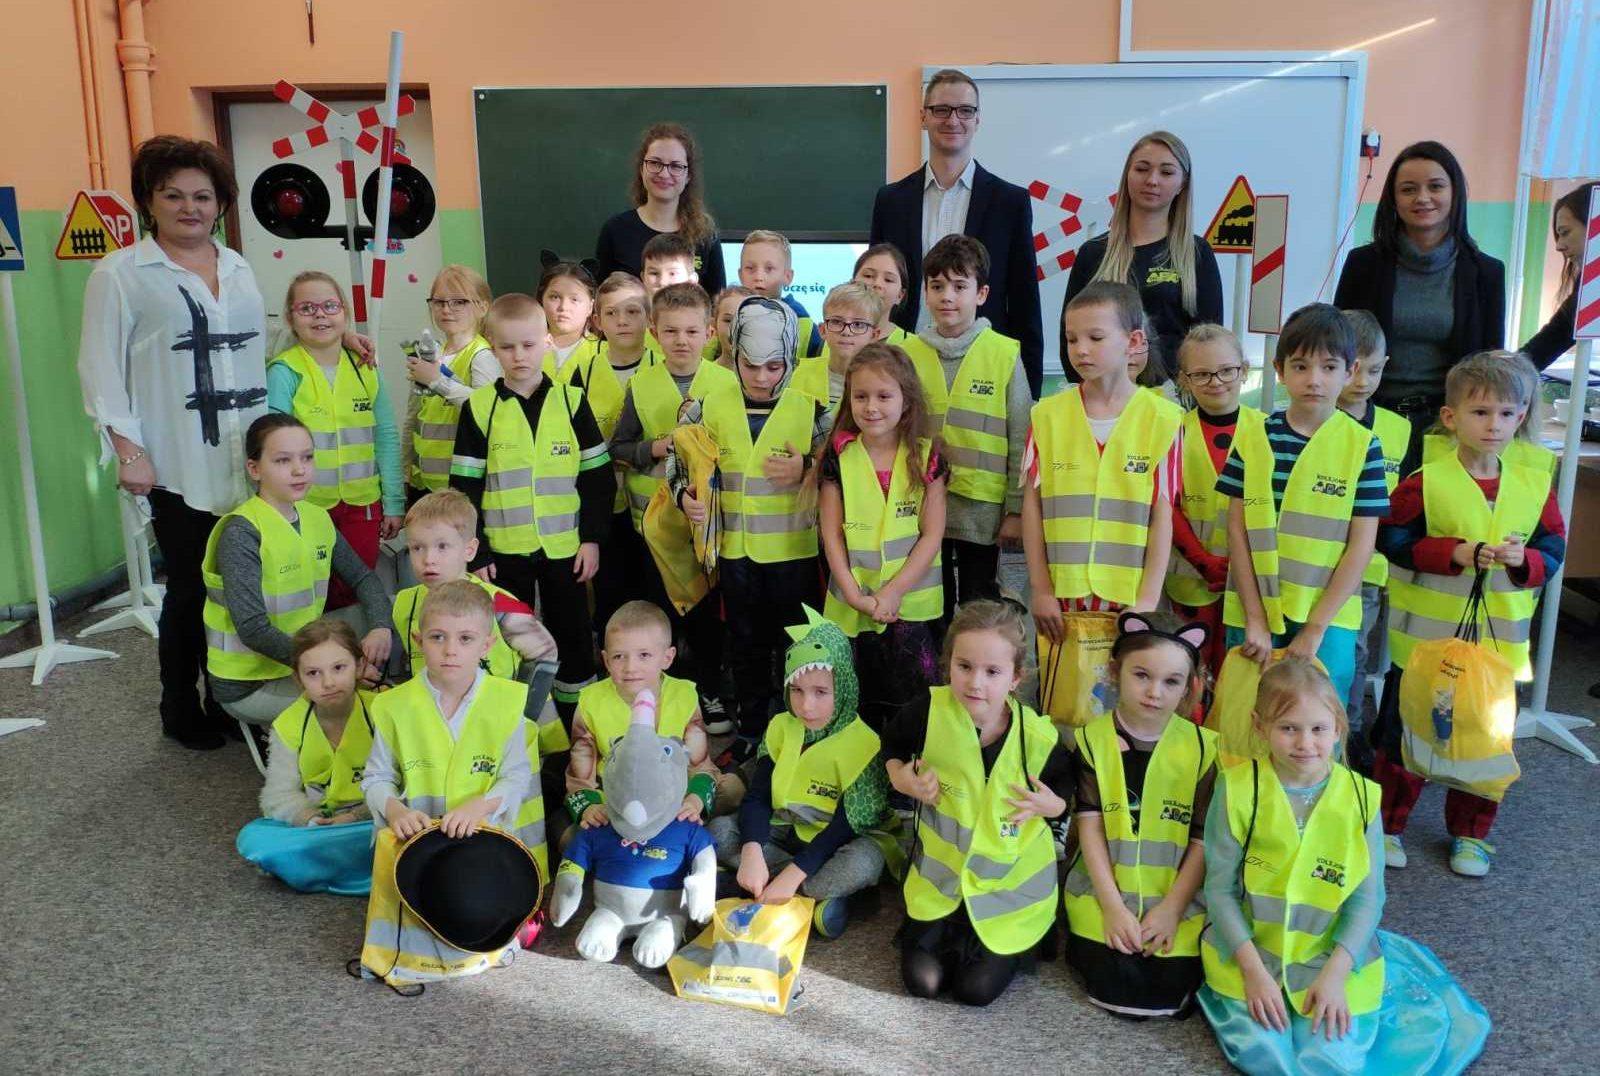 Kolejowe ABC - lekcjabezpieczeństwa w transporcie kolejowym ogólnopolska kampania informacyjno-edukacyjna z zakresu bezpieczeństwa kolejowego skierowana do dzieci w wieku szkolnym i przedszkolnym oraz nauczycieli i wychowawców.